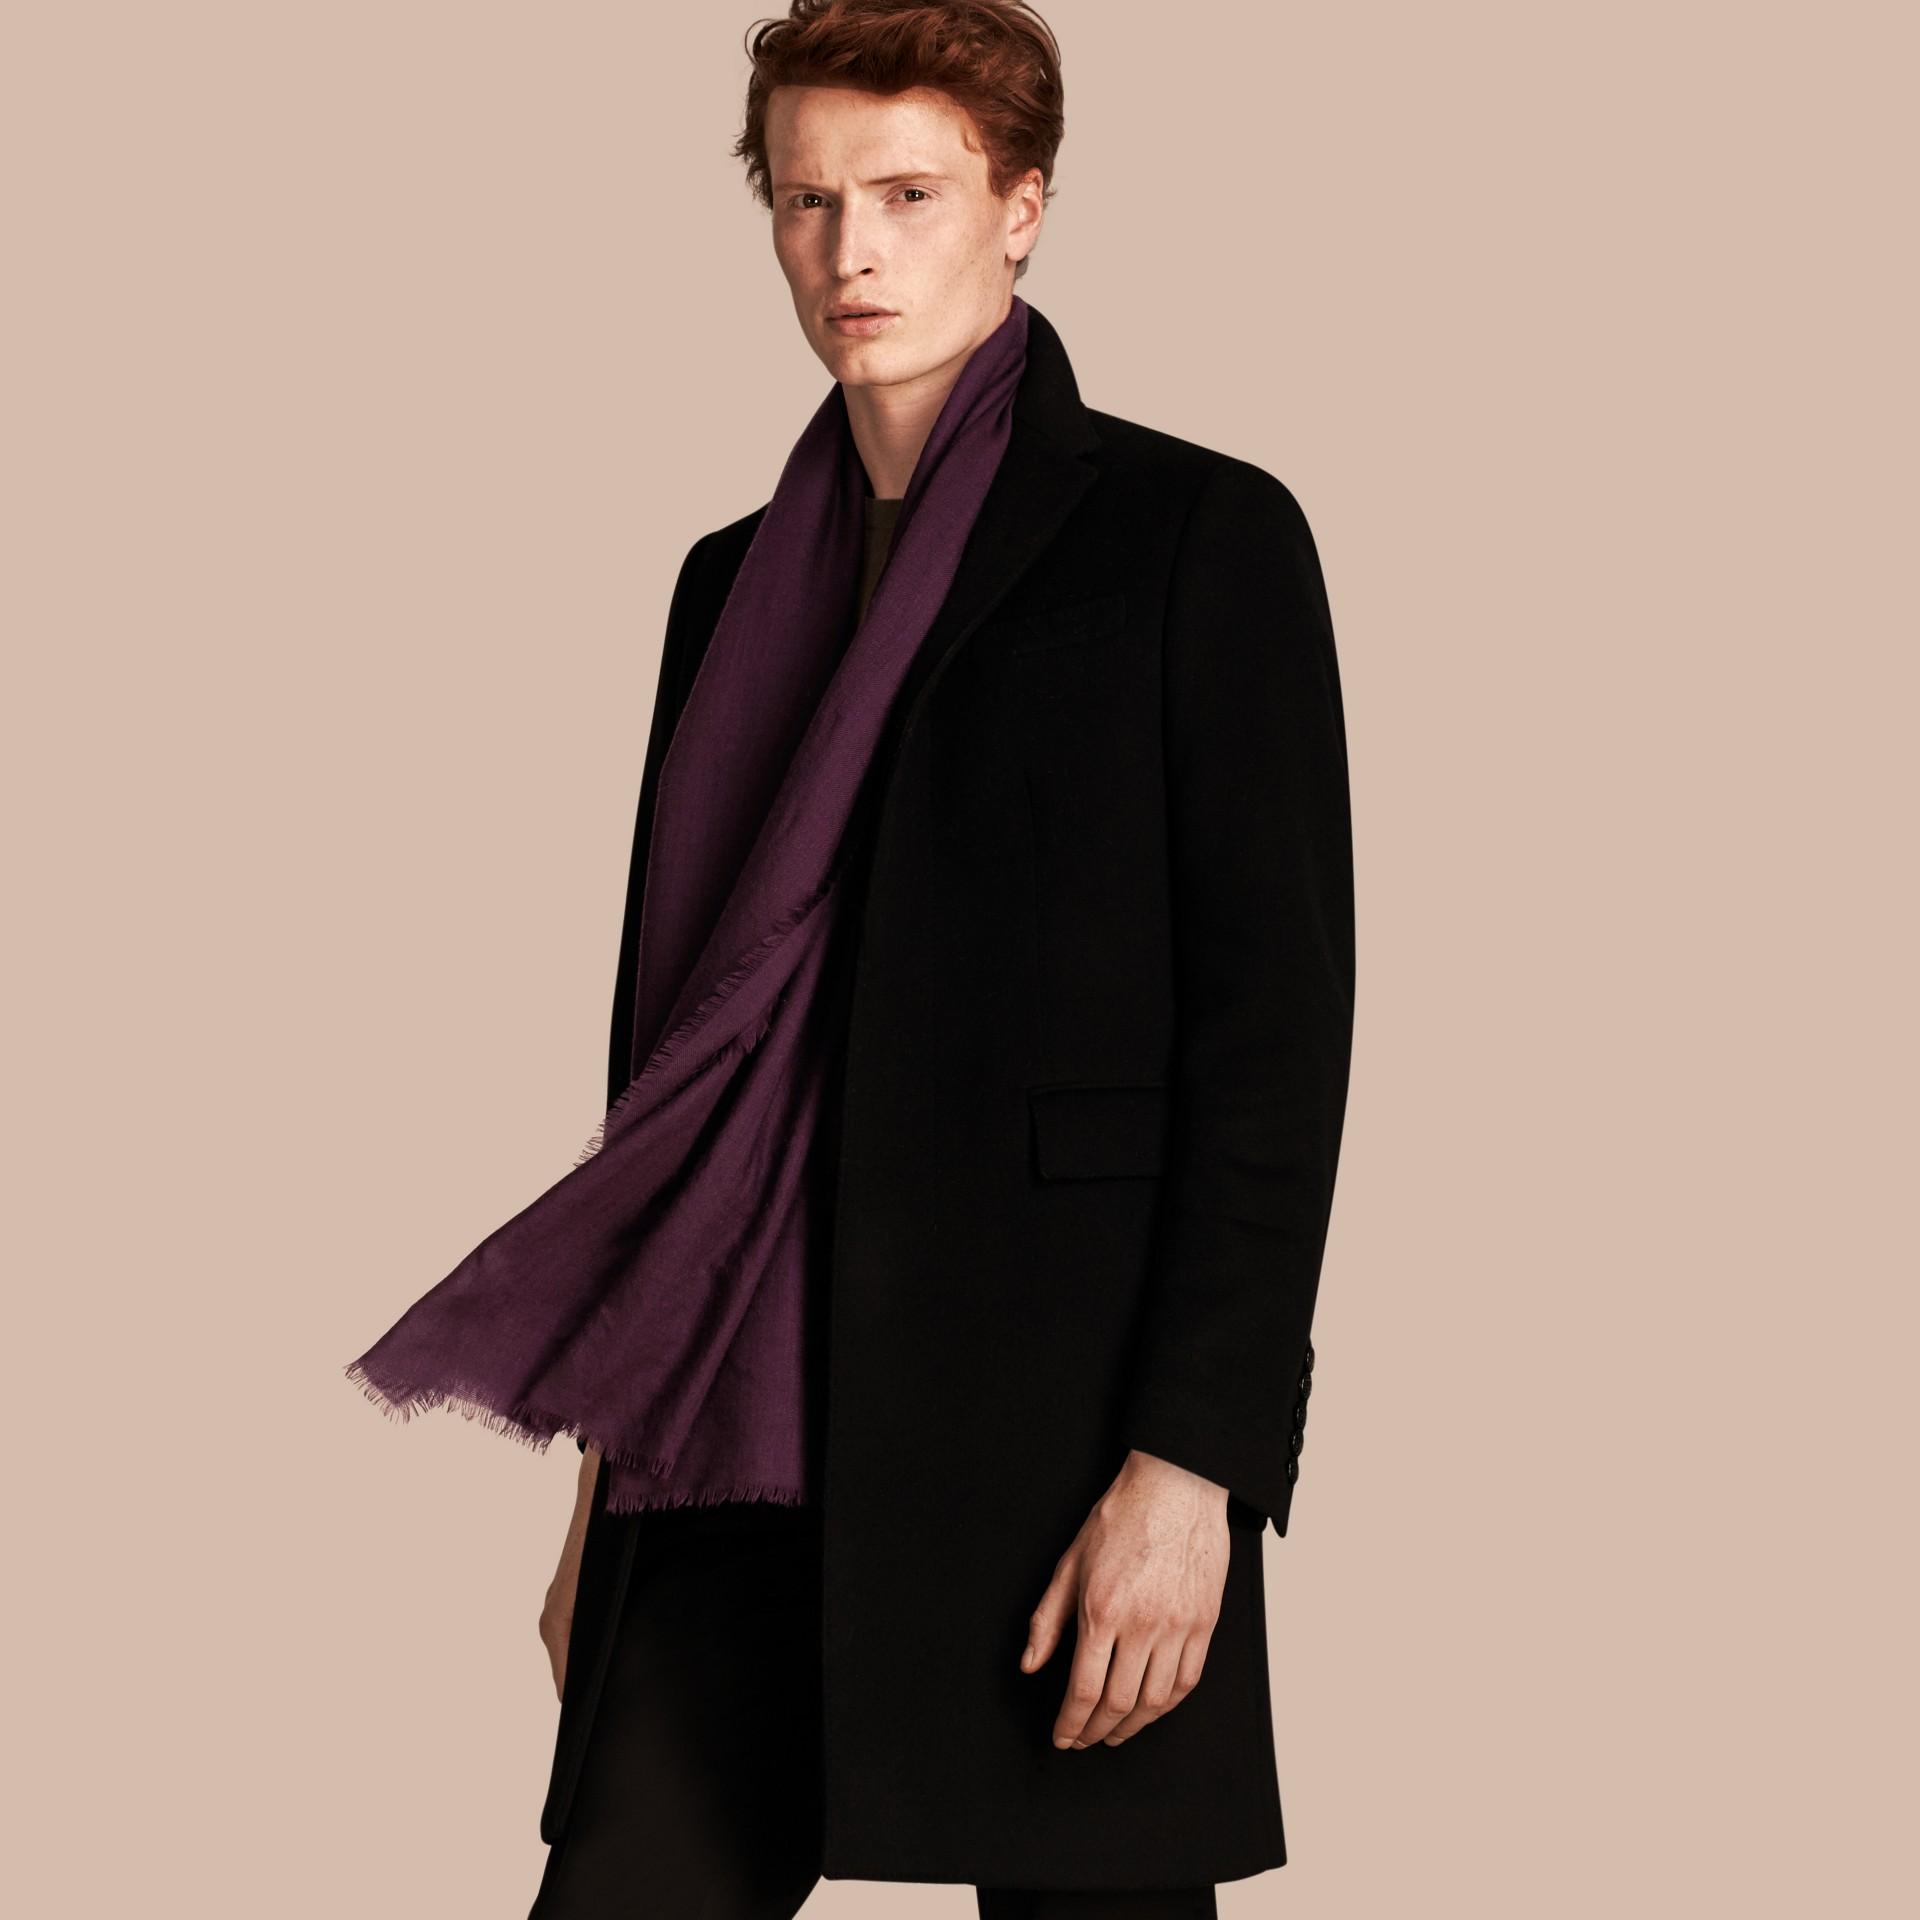 Баклажан Легкий шарф из кашемира Баклажан - изображение 4